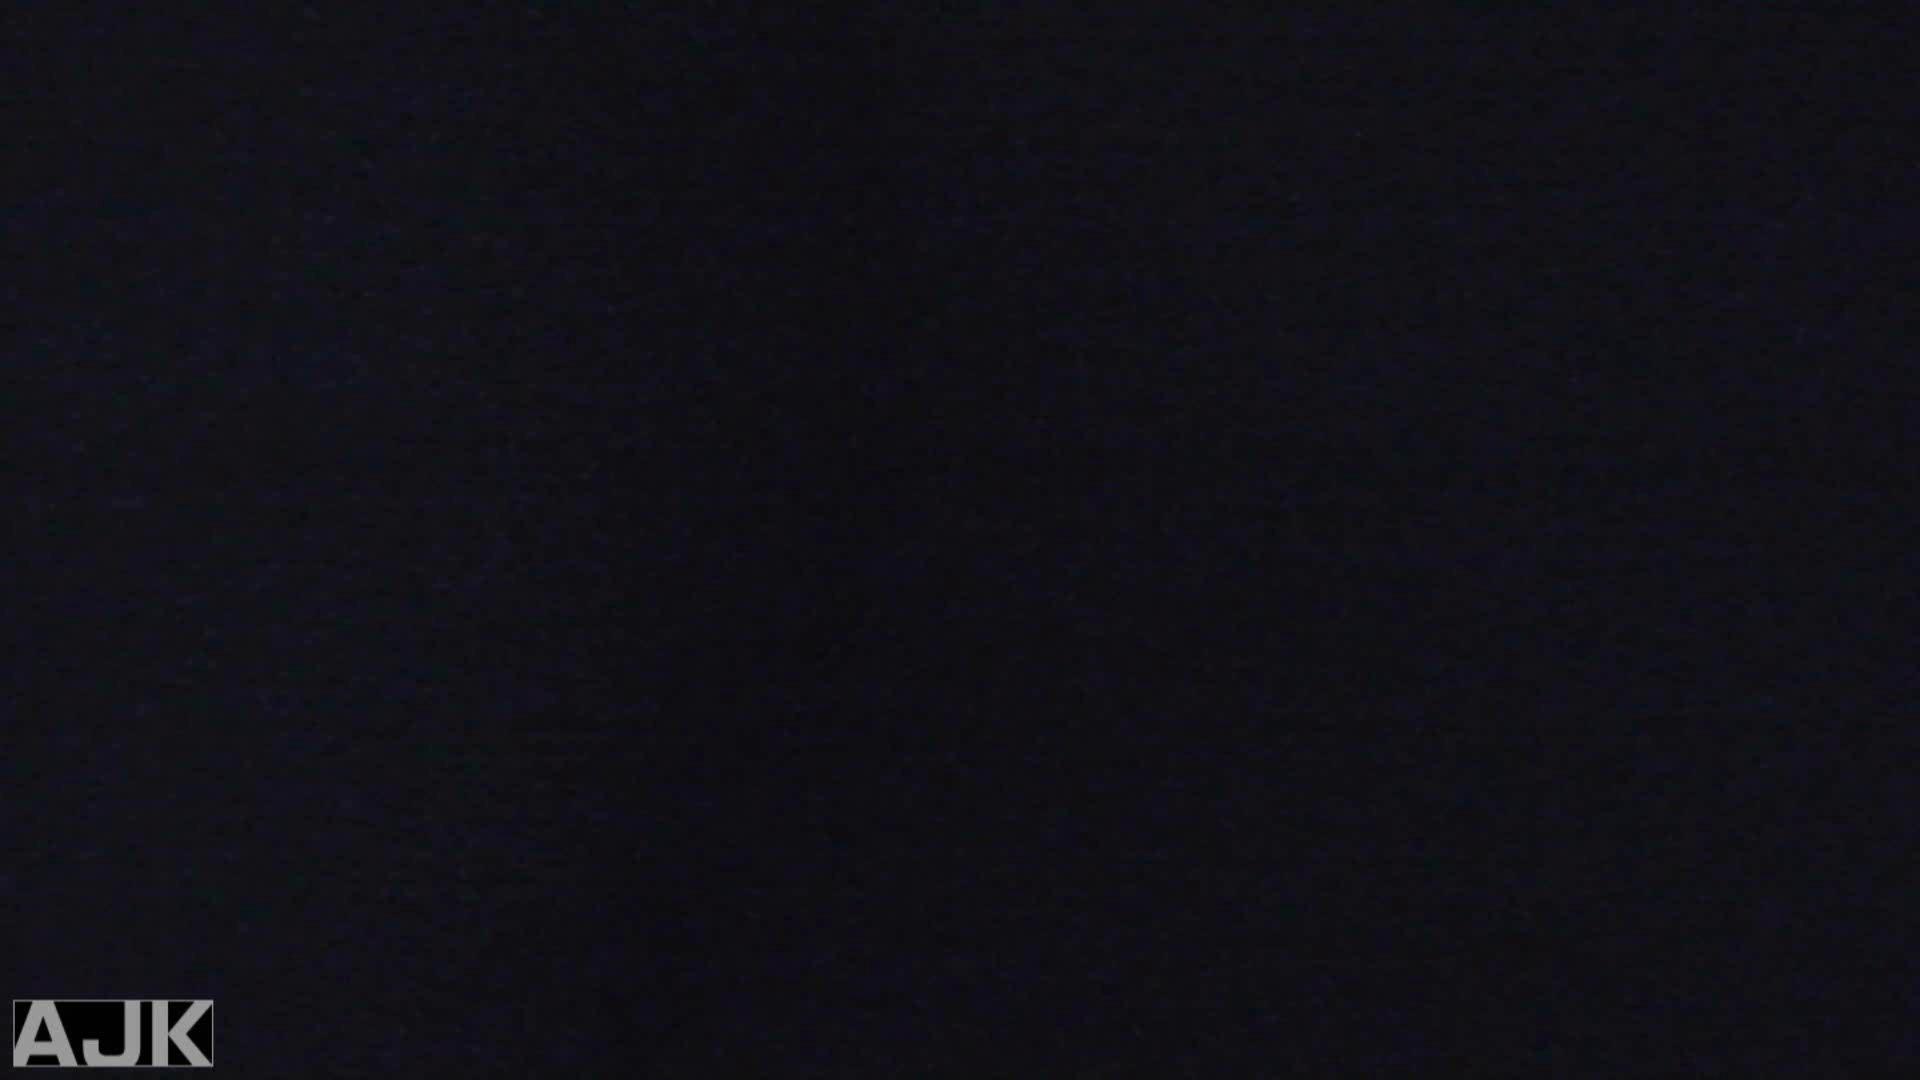 神降臨!史上最強の潜入かわや! vol.15 潜入 盗撮画像 89PIX 50